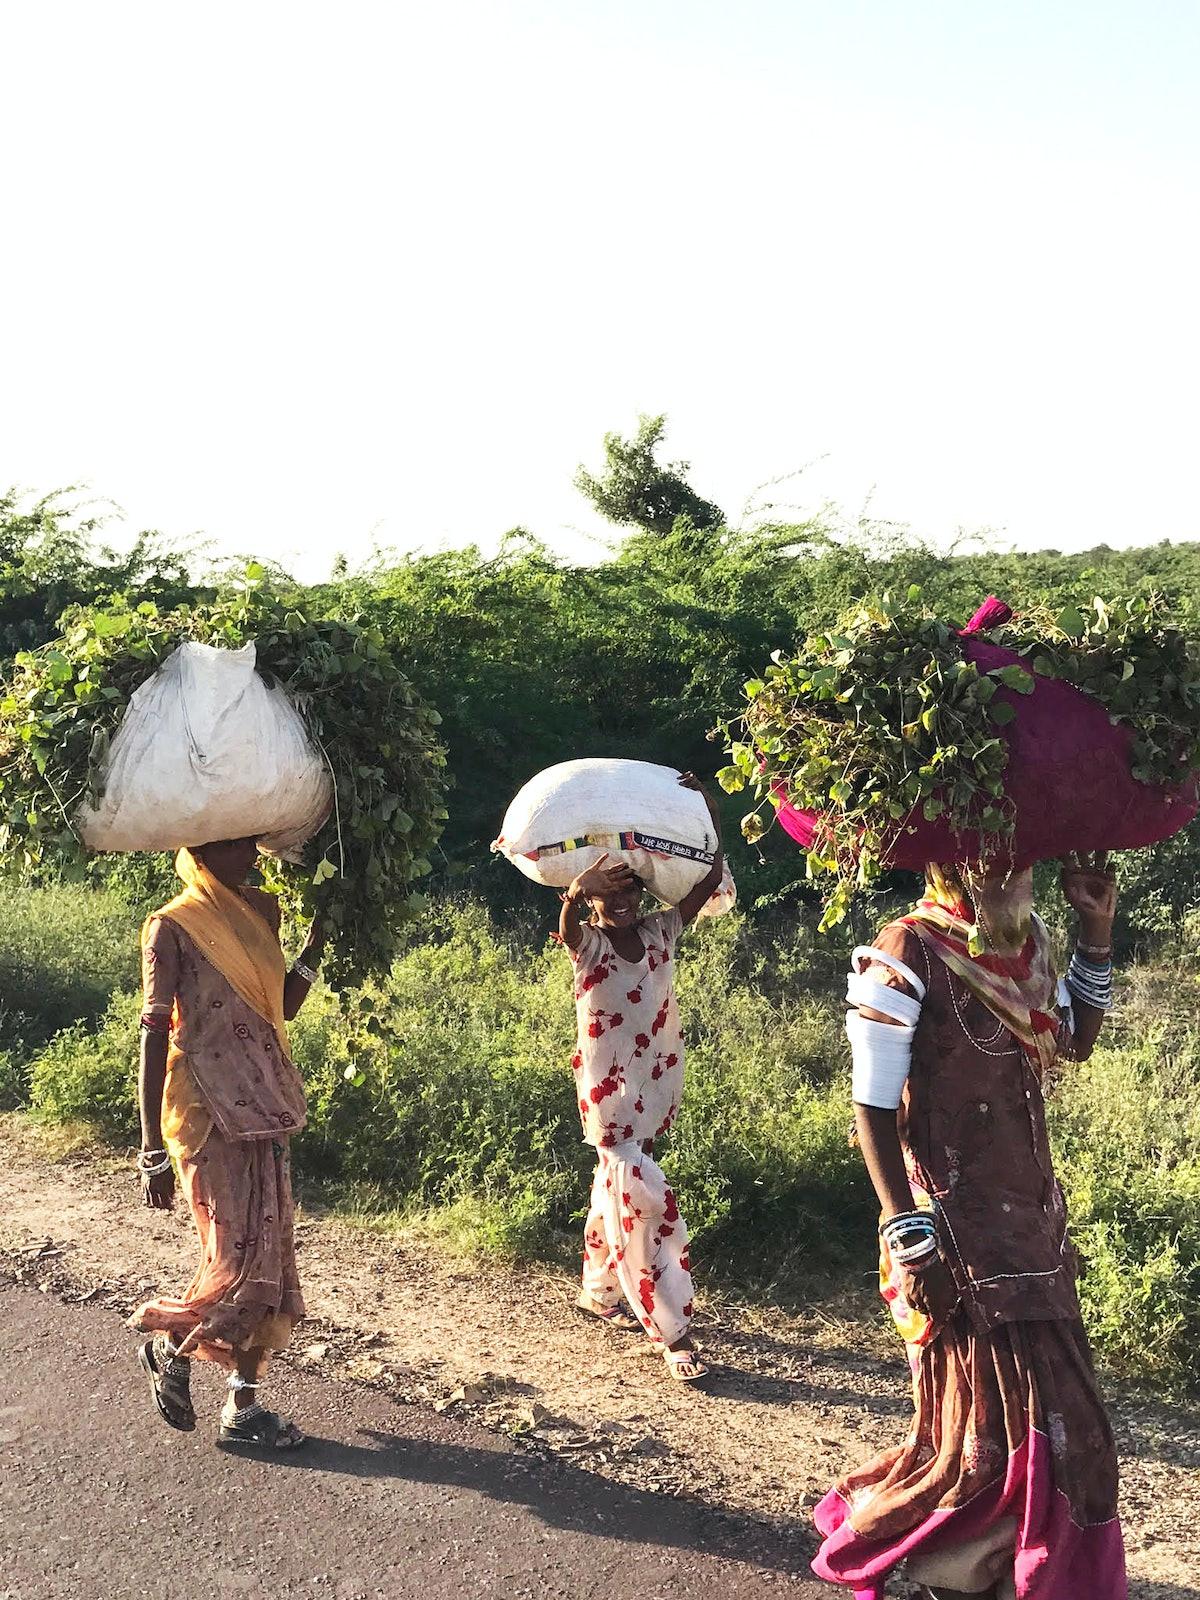 India_Women_Harvesting_Lentils_in_Rohet.jpg